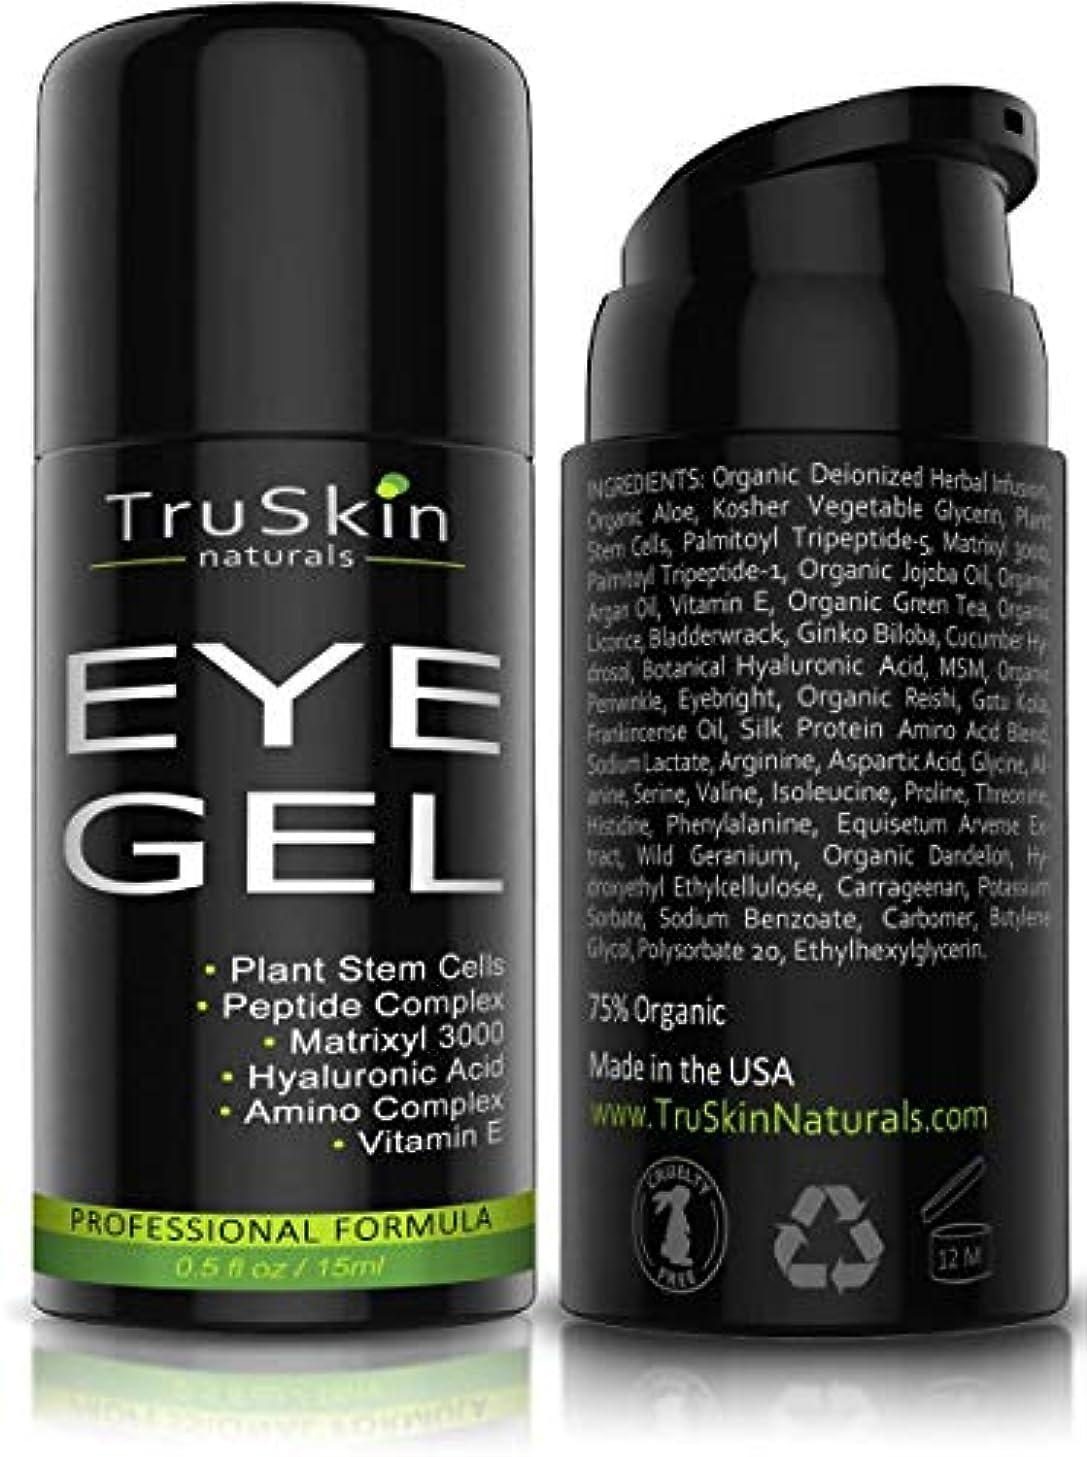 [TruSkin Naturals] [しわ、細かい線、ダークグレー、ふわふわ、バッグ、75%のための最高のアイジェルORGANICの原材料] (並行輸入品)